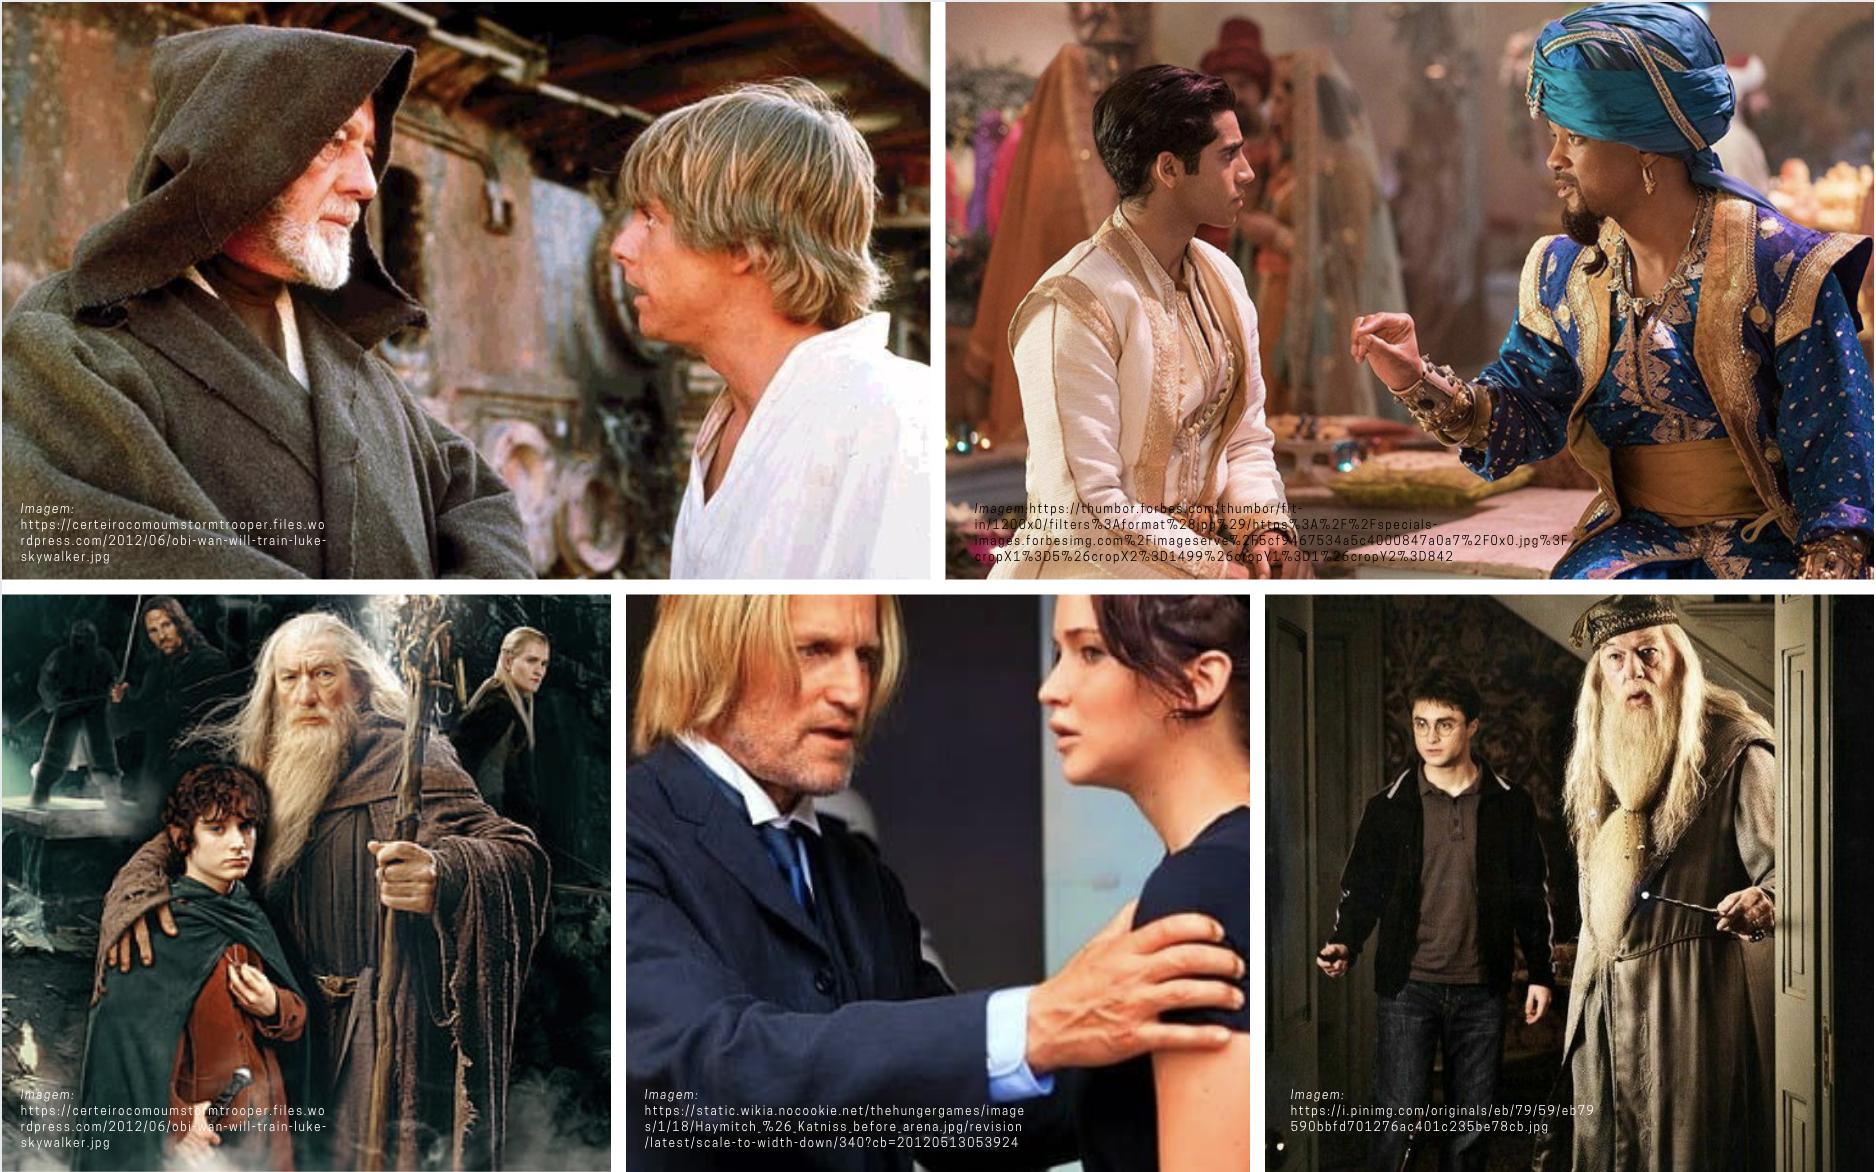 Obi-Wan Kenoby em Star Wars; Gênio da lâmpada em Aladdin; Gandalf em O Senhor dos Anéis; Dumbledore em Harry Potter.